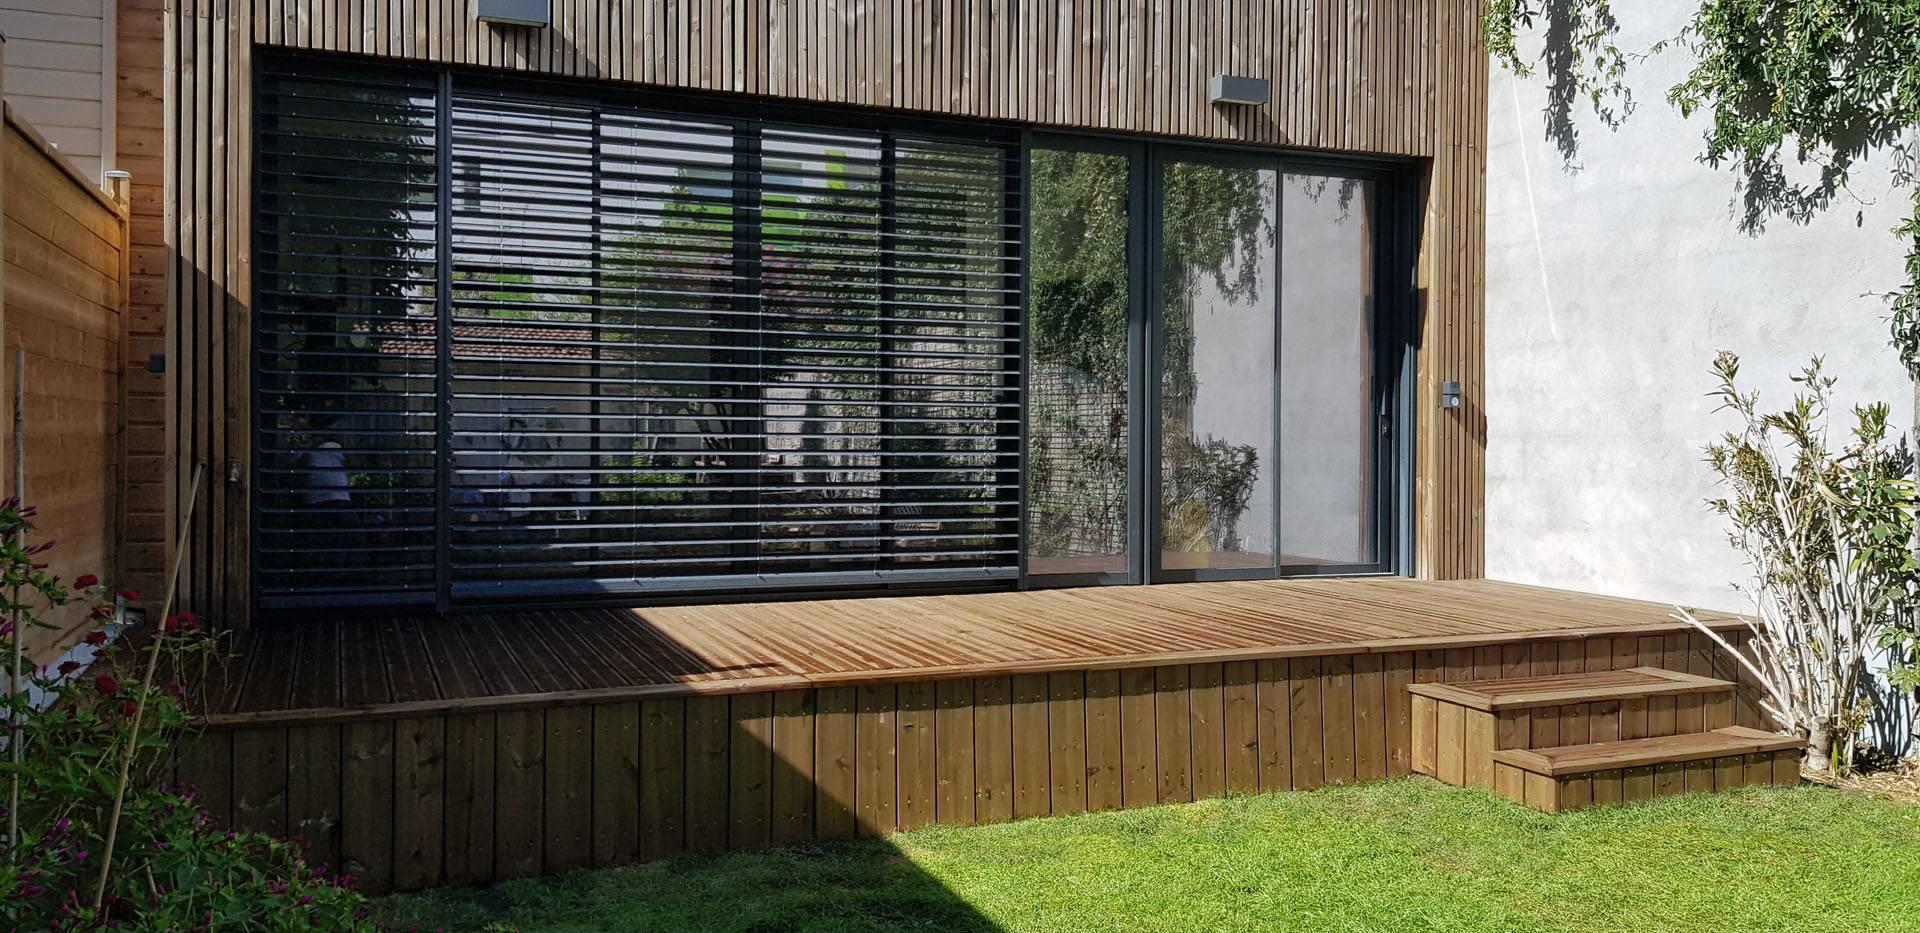 Maison Ossature Bois Bordeaux réhabilitation et extension bois d'une maison de ville à